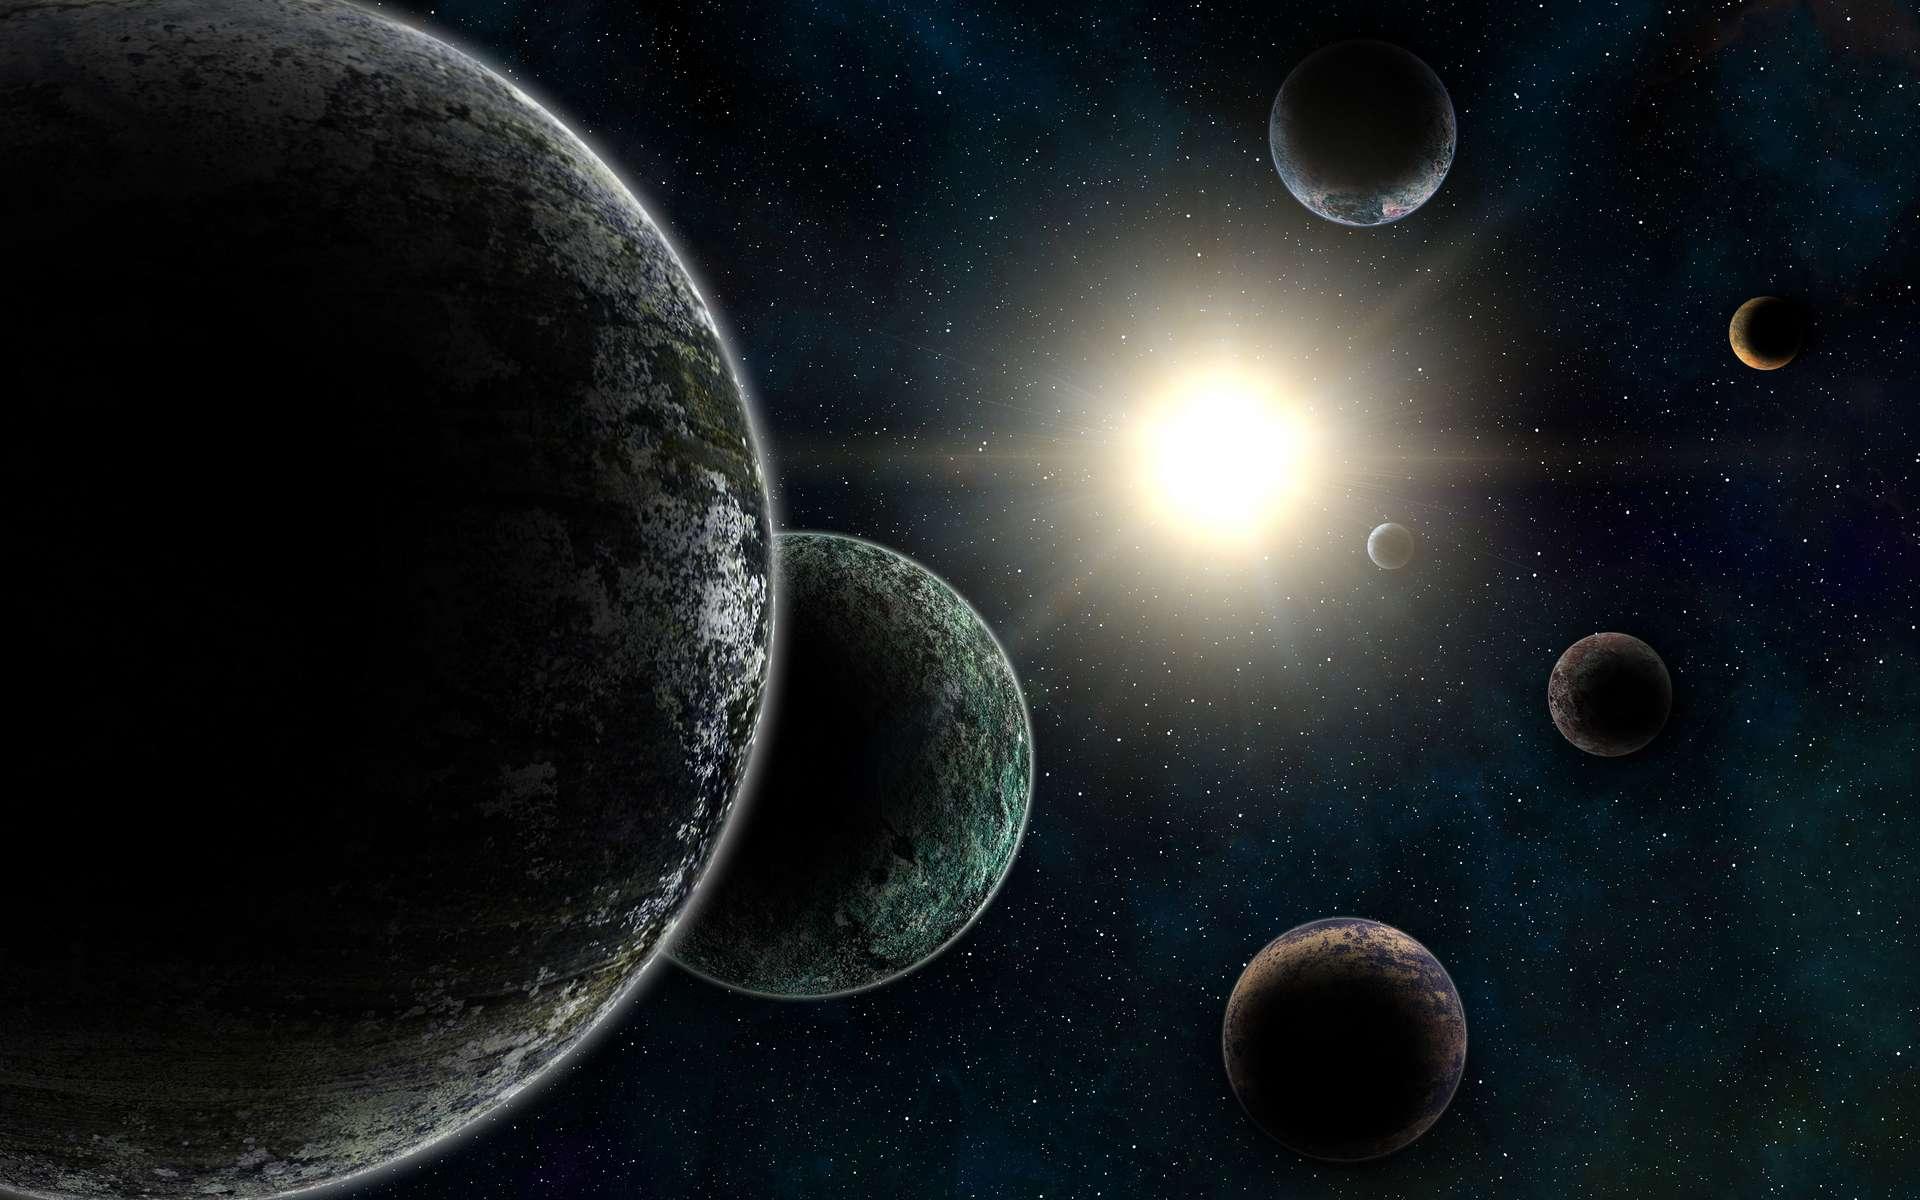 Une étudiante de l'université de Colombie britannique (Canada) a découvert 17 nouvelles exoplanètes grâce aux données de la mission Kepler. © southmind, Adobe Stock